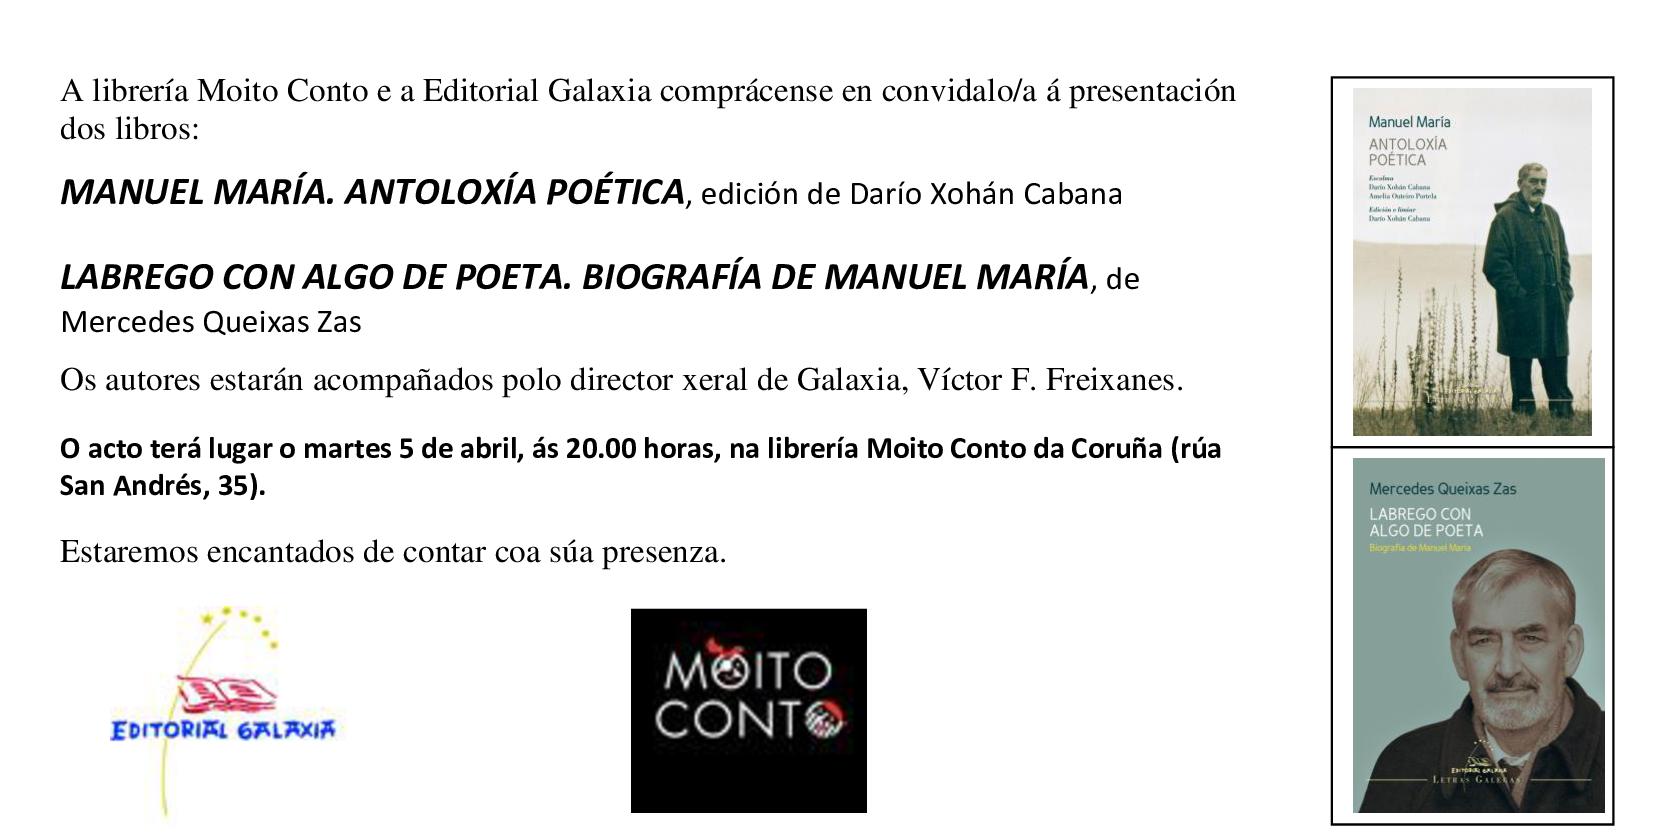 TARXETA_PRESENTACI_N_2_LIBROS_DE_MANUEL_MAR_A-_MOI